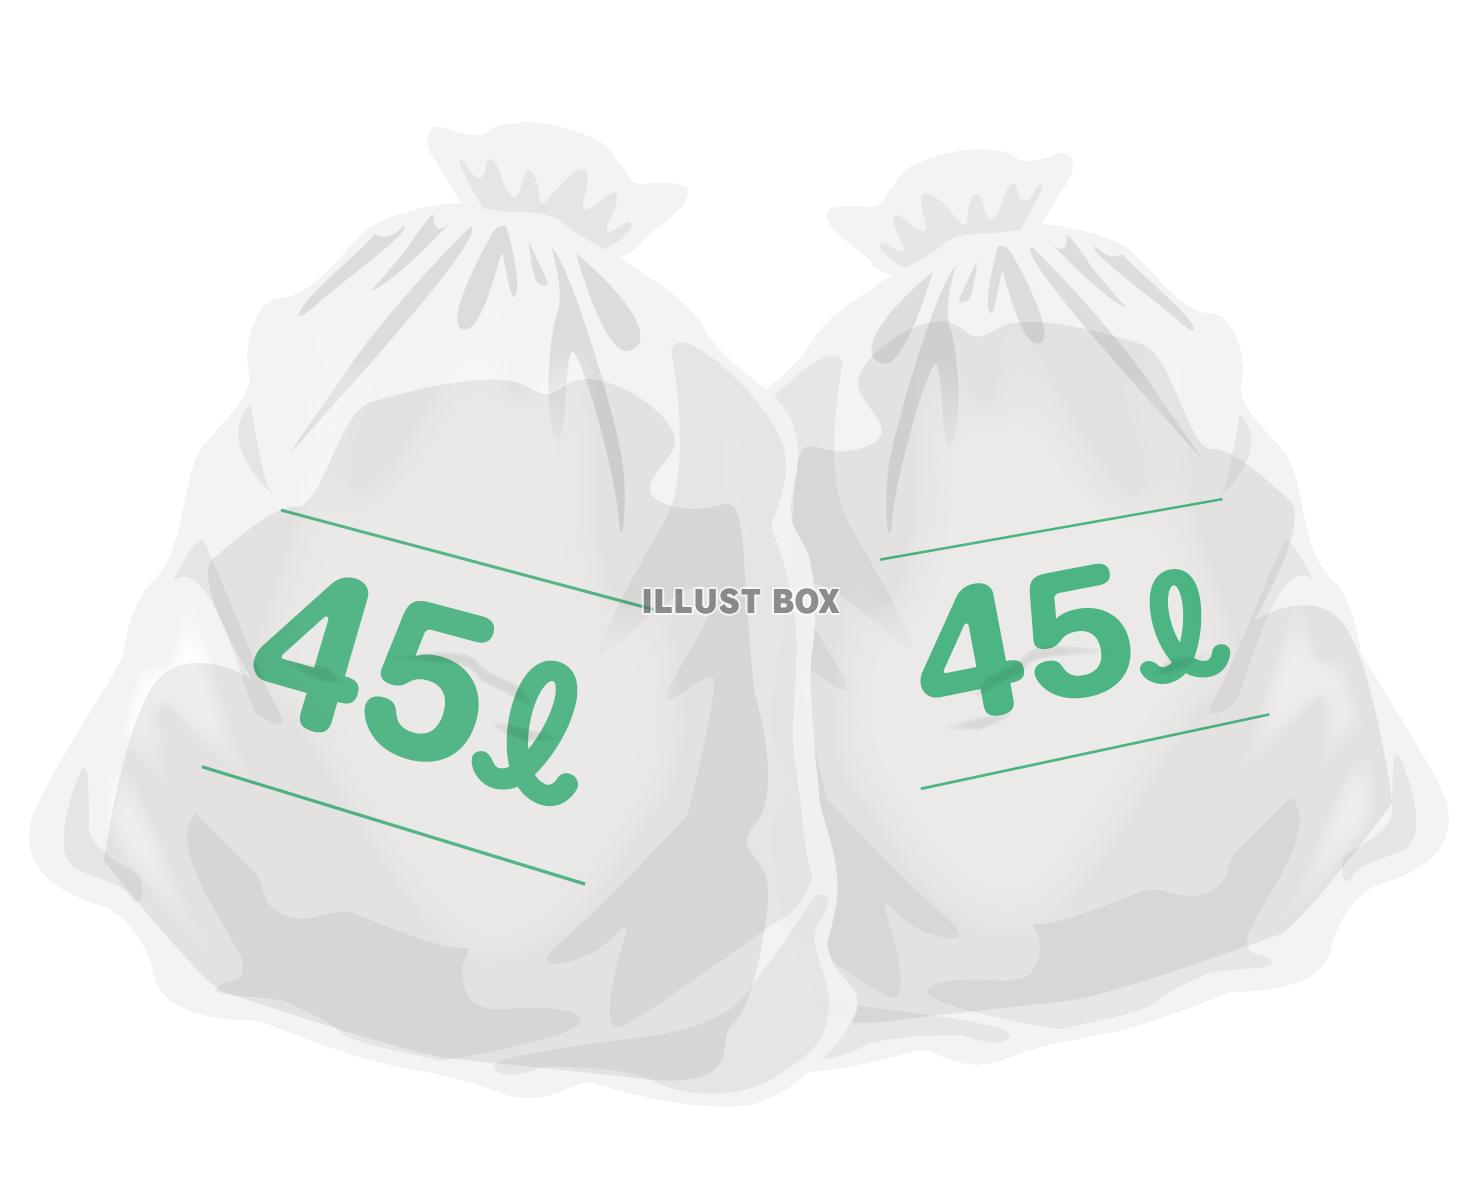 ゴミ袋の整理整頓【ワンタッチでゴミ袋を取り出す工夫!】